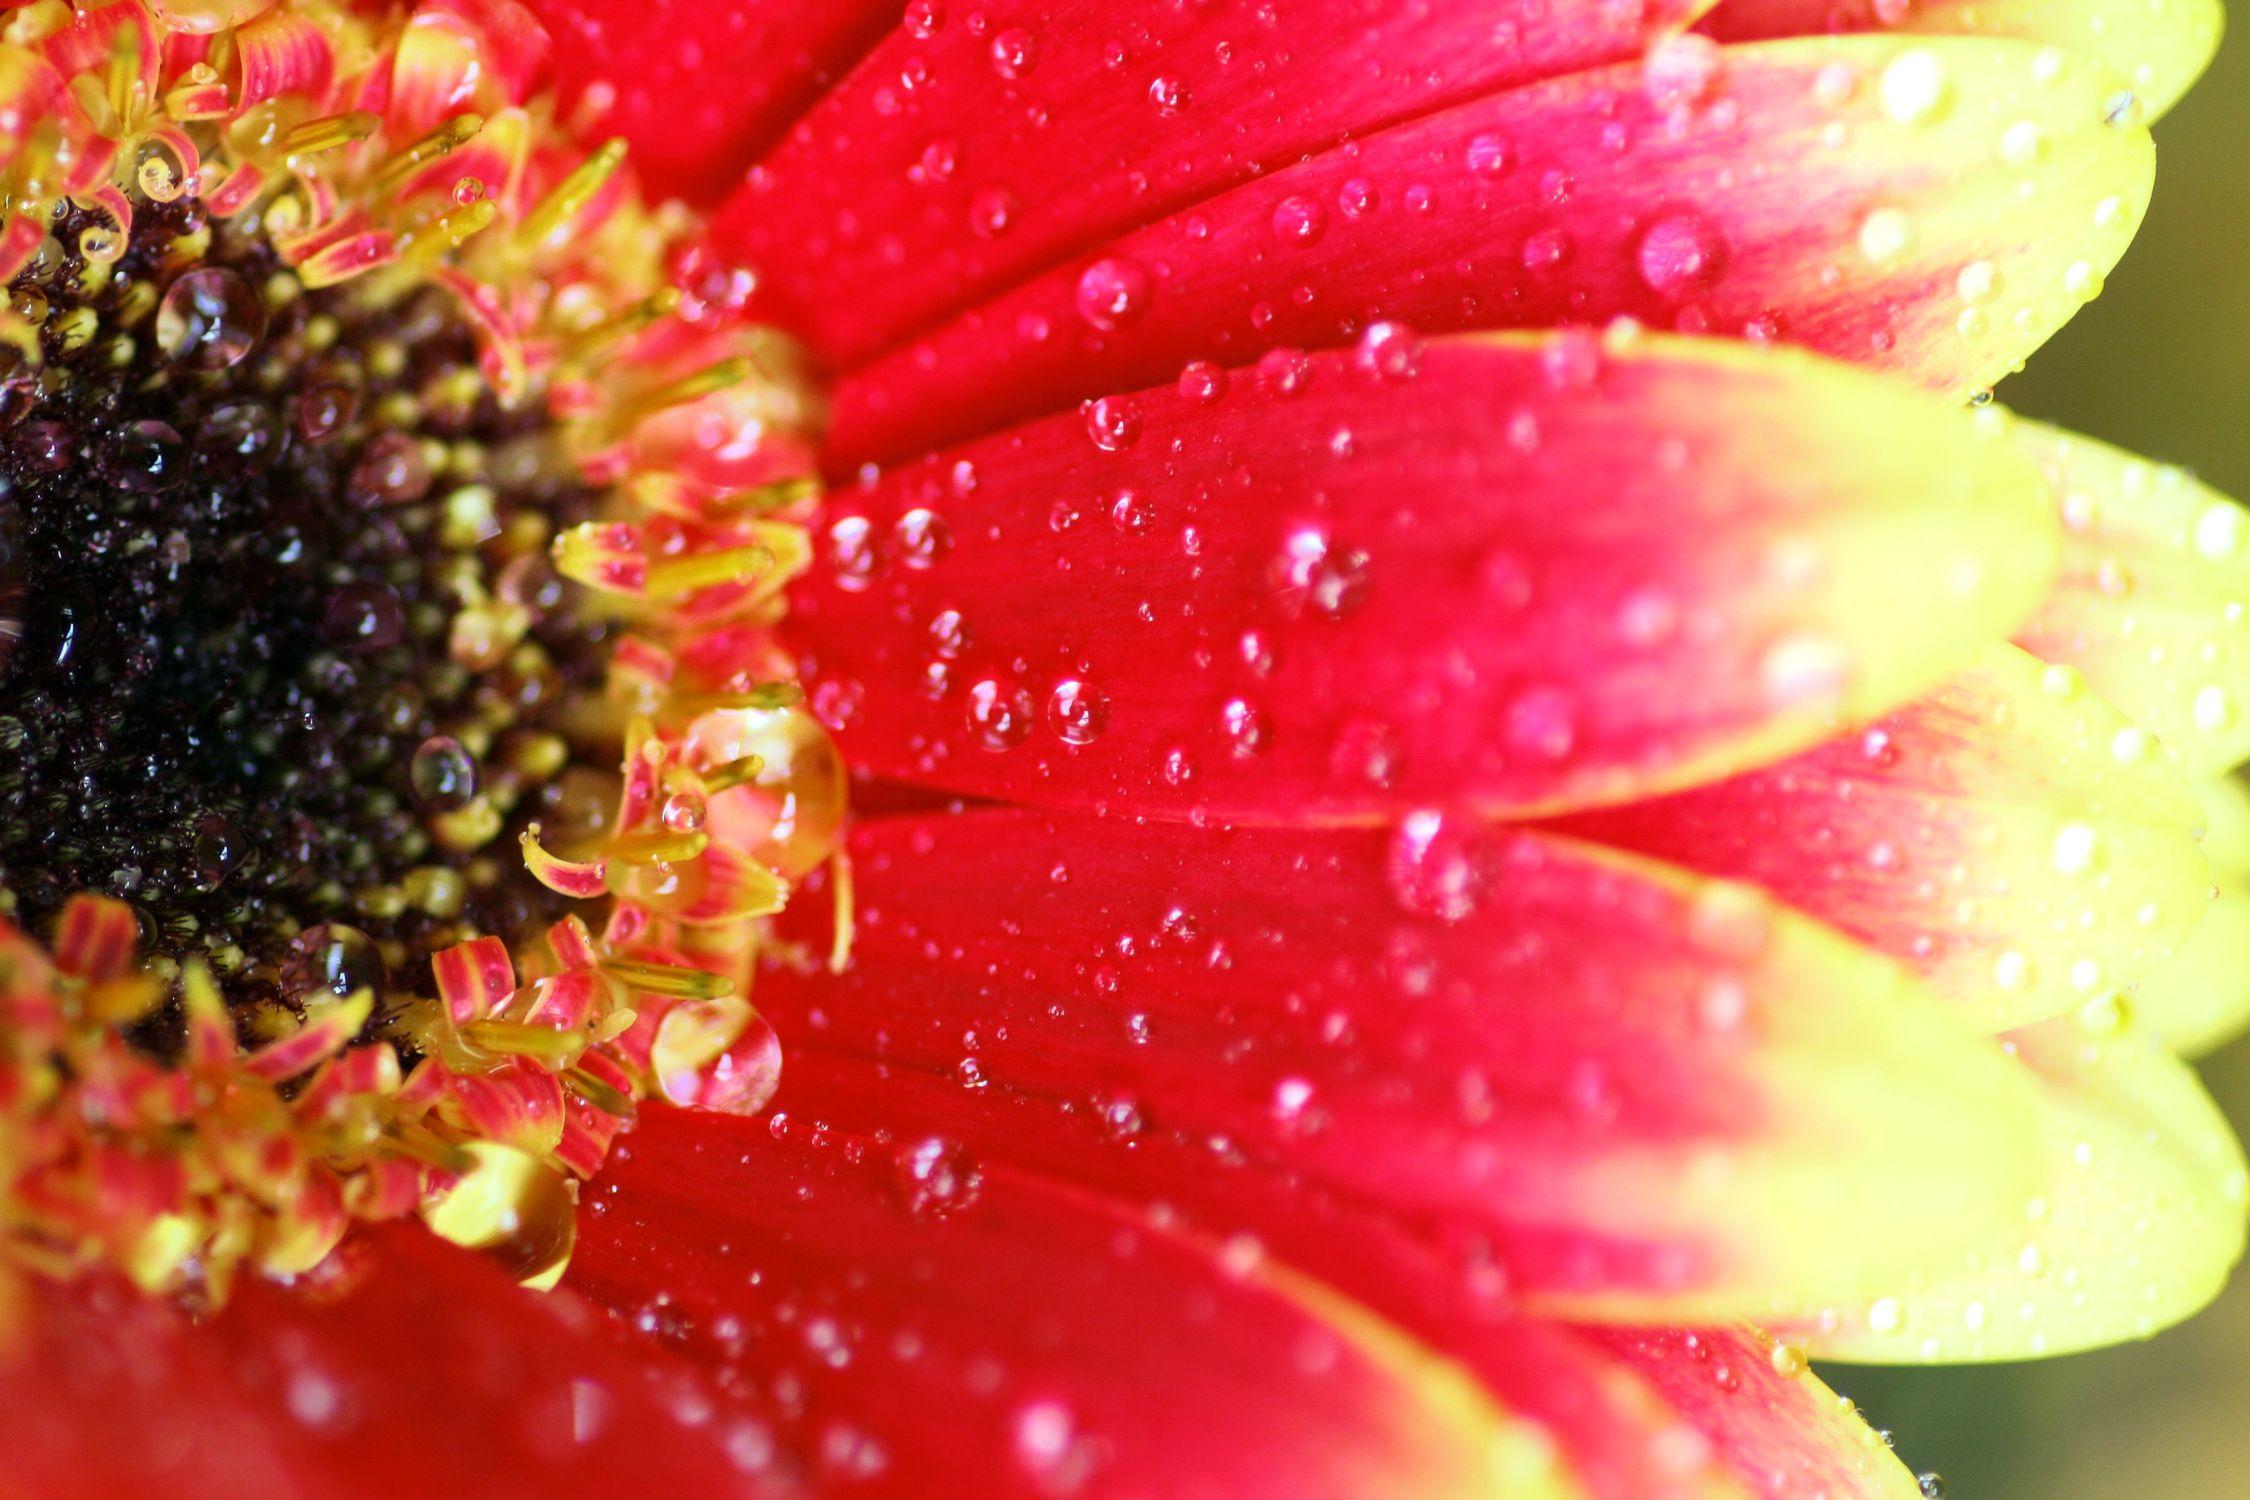 Bild mit Farben, Gelb, Natur, Elemente, Wasser, Pflanzen, Blumen, Rosa, Korbblütler, Gerberas, Rot